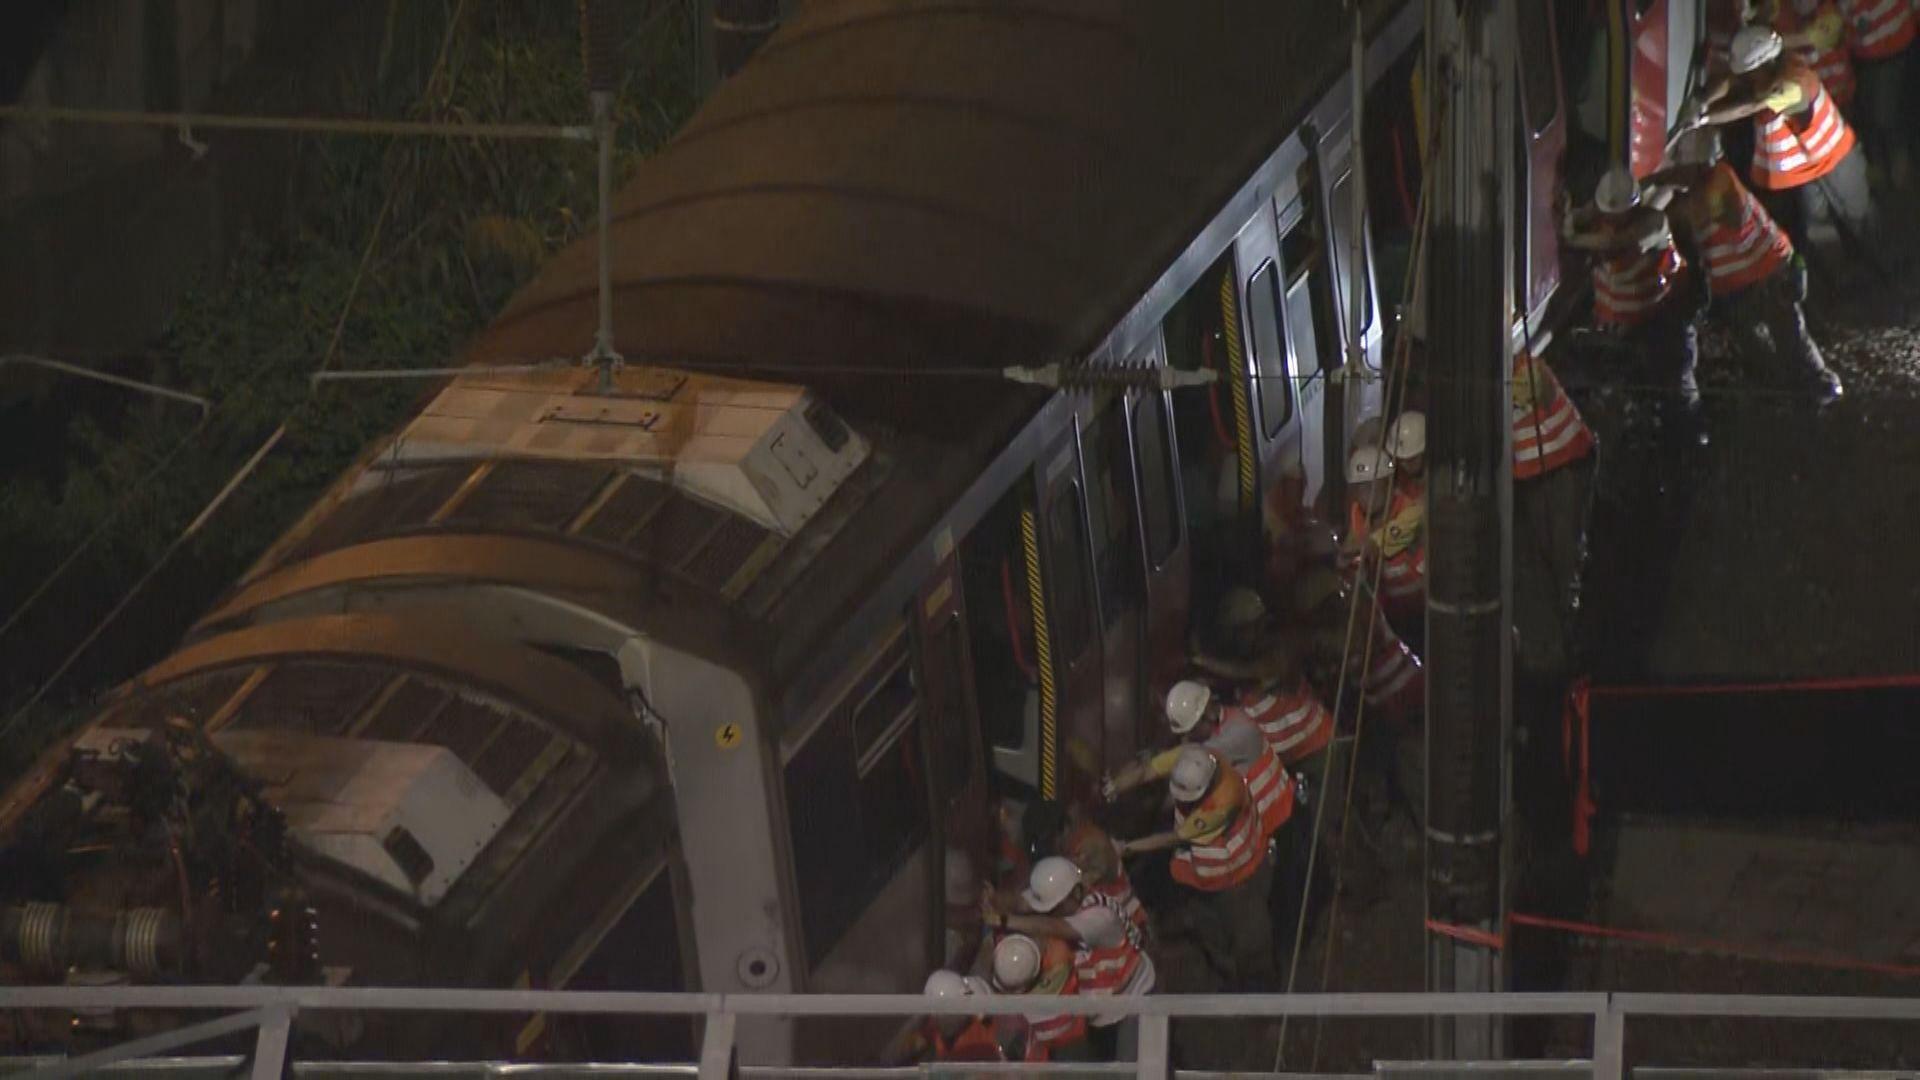 港鐵紅磡至旺角東站恢復列車維持七分鐘一班